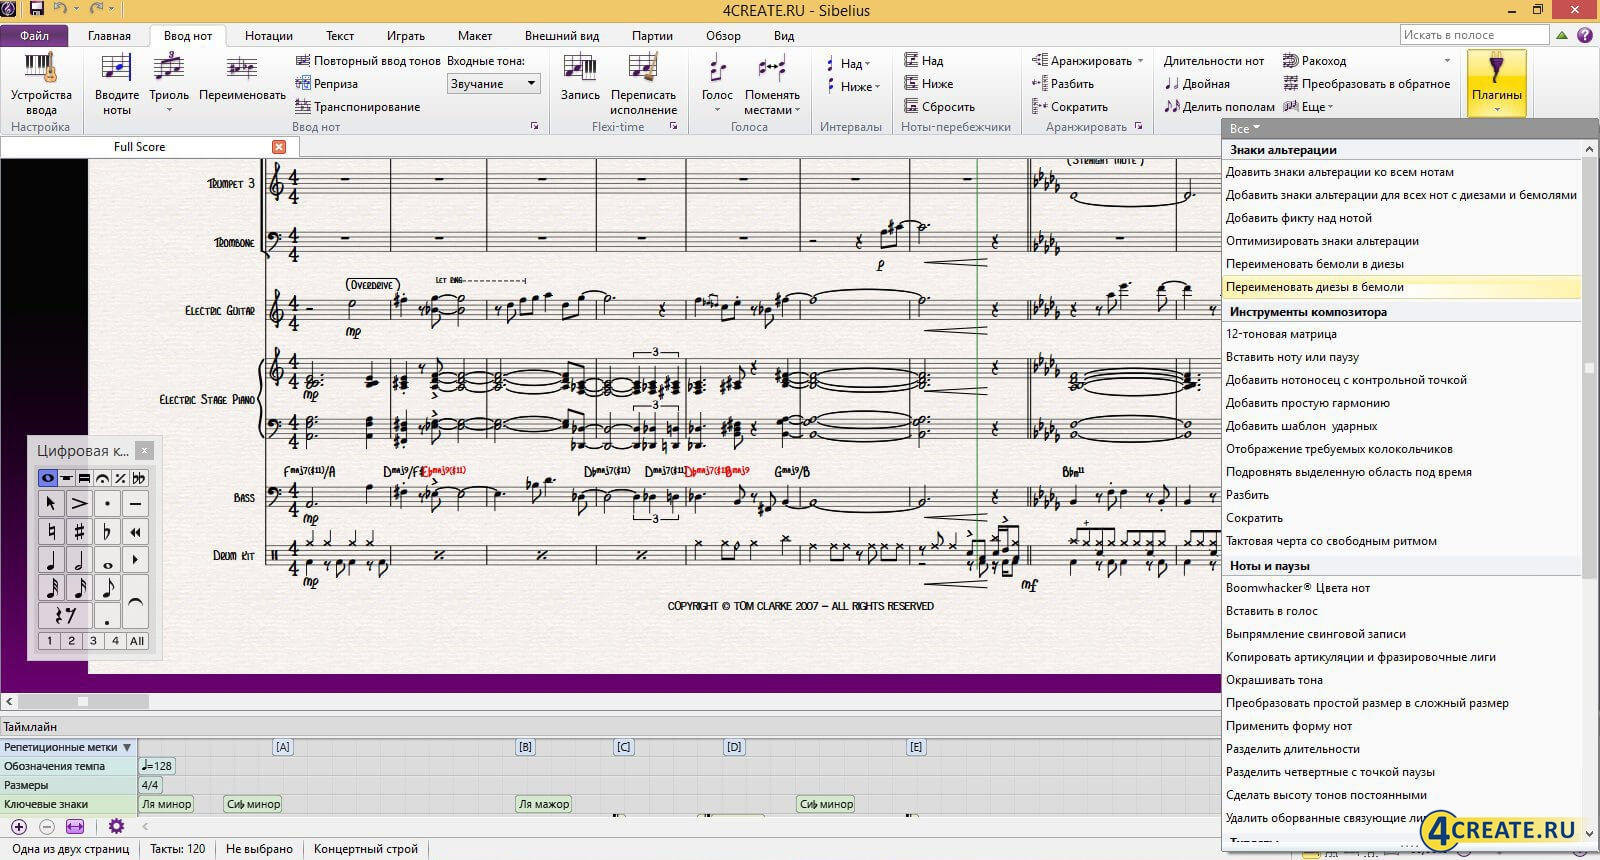 Sibelius 8.2 (Скриншот 4)